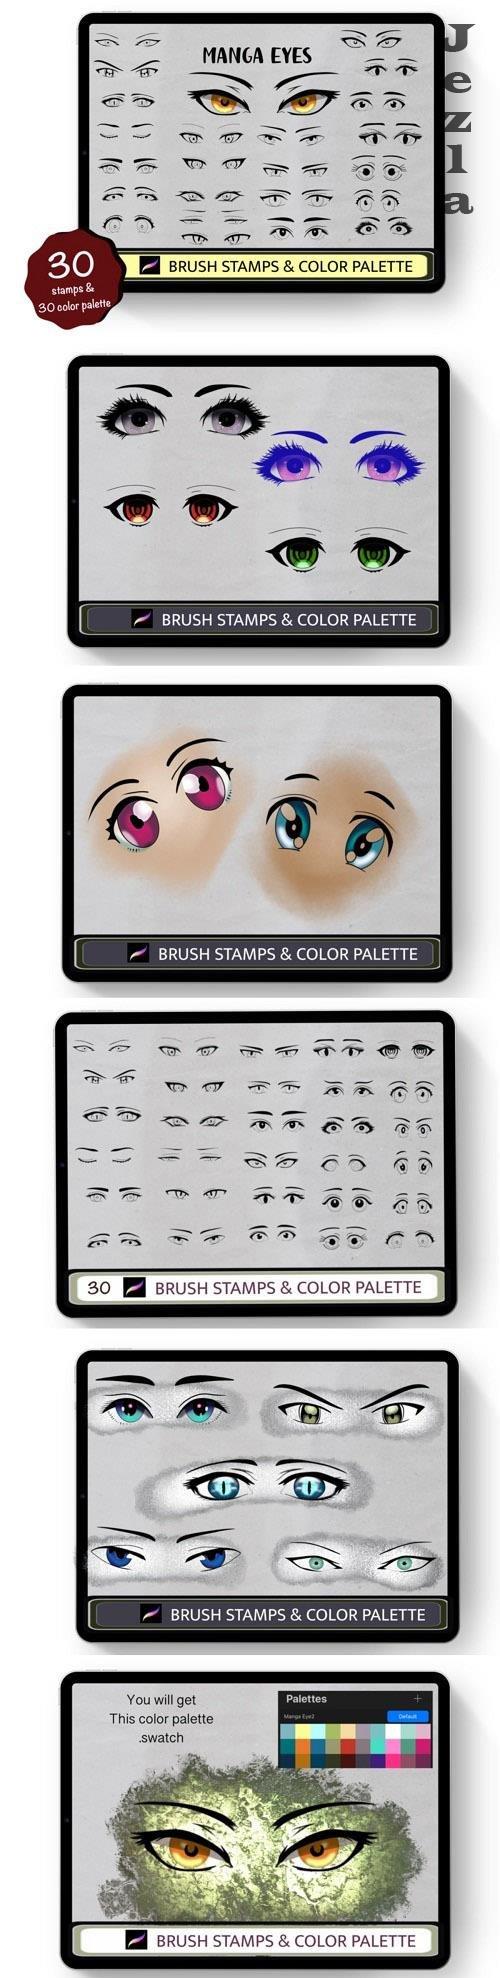 Anime Eyes 30 Procreate Brush Stamps - 1447000